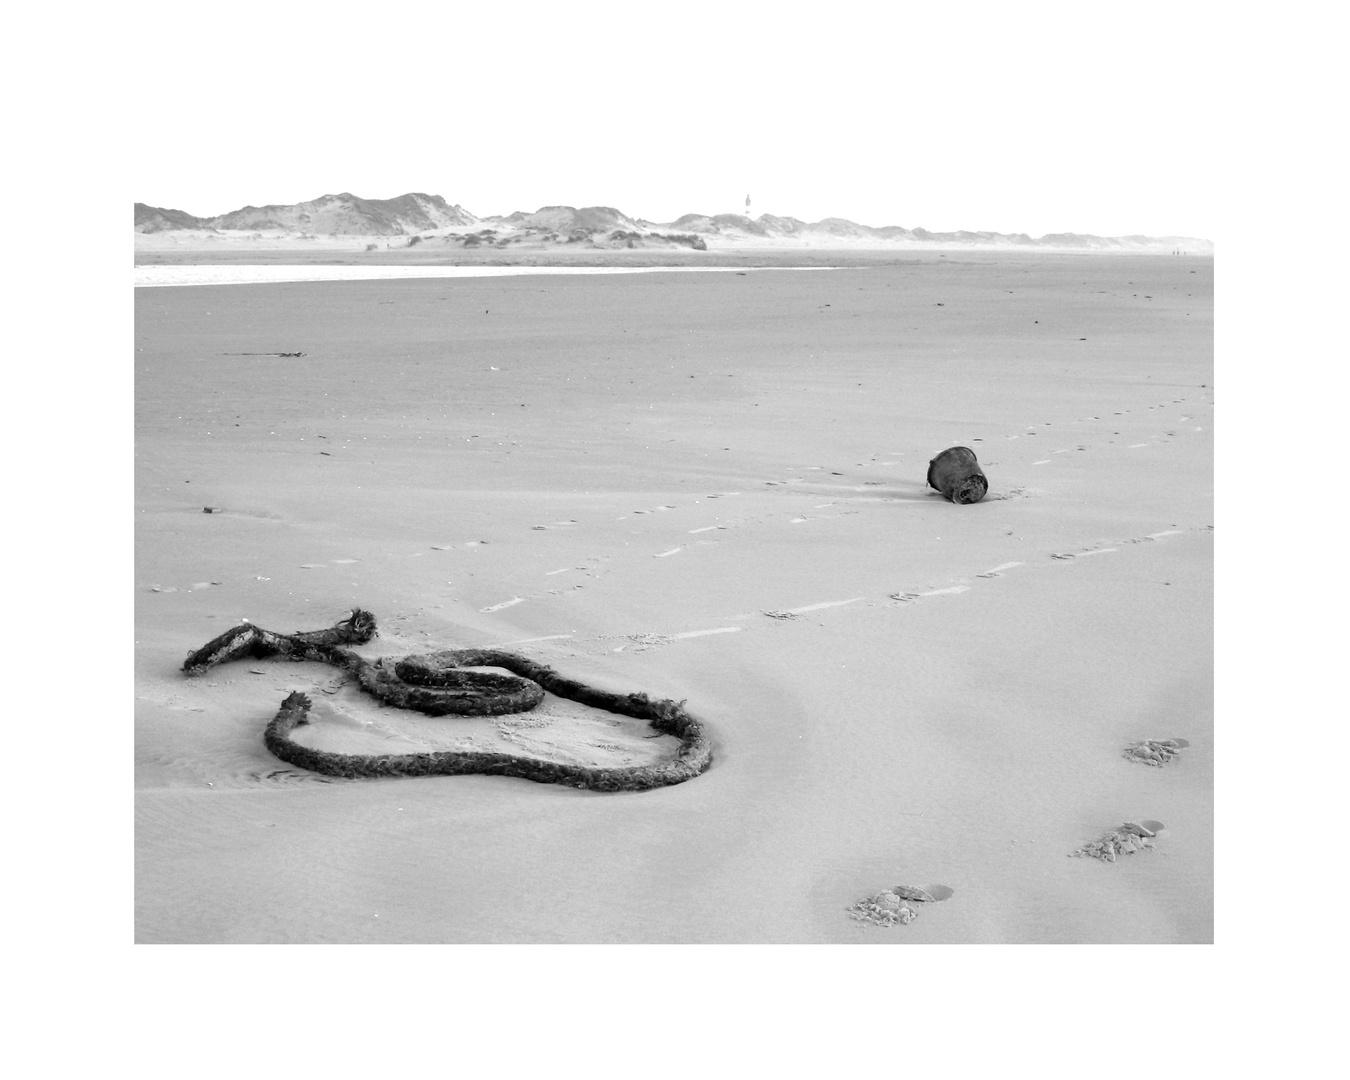 Die Geschichte vom Eimer und dem armen Seil